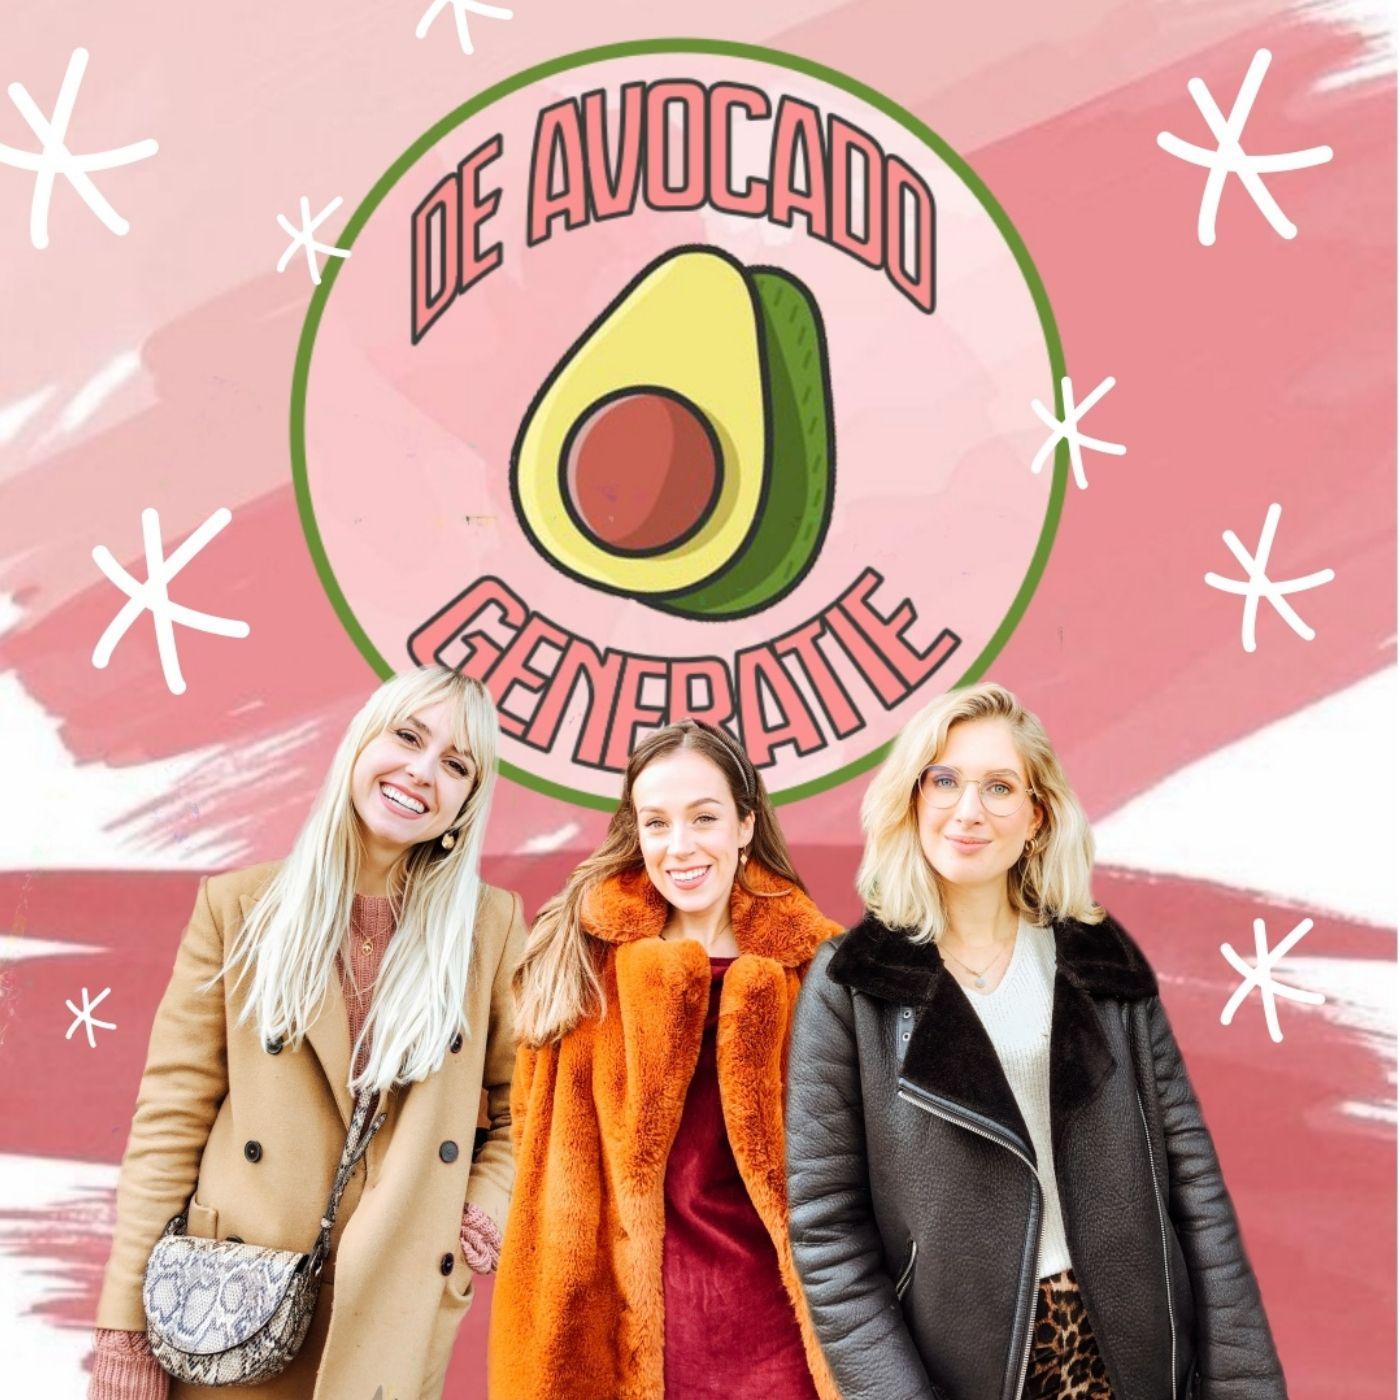 De Avocado Generatie Podcast logo